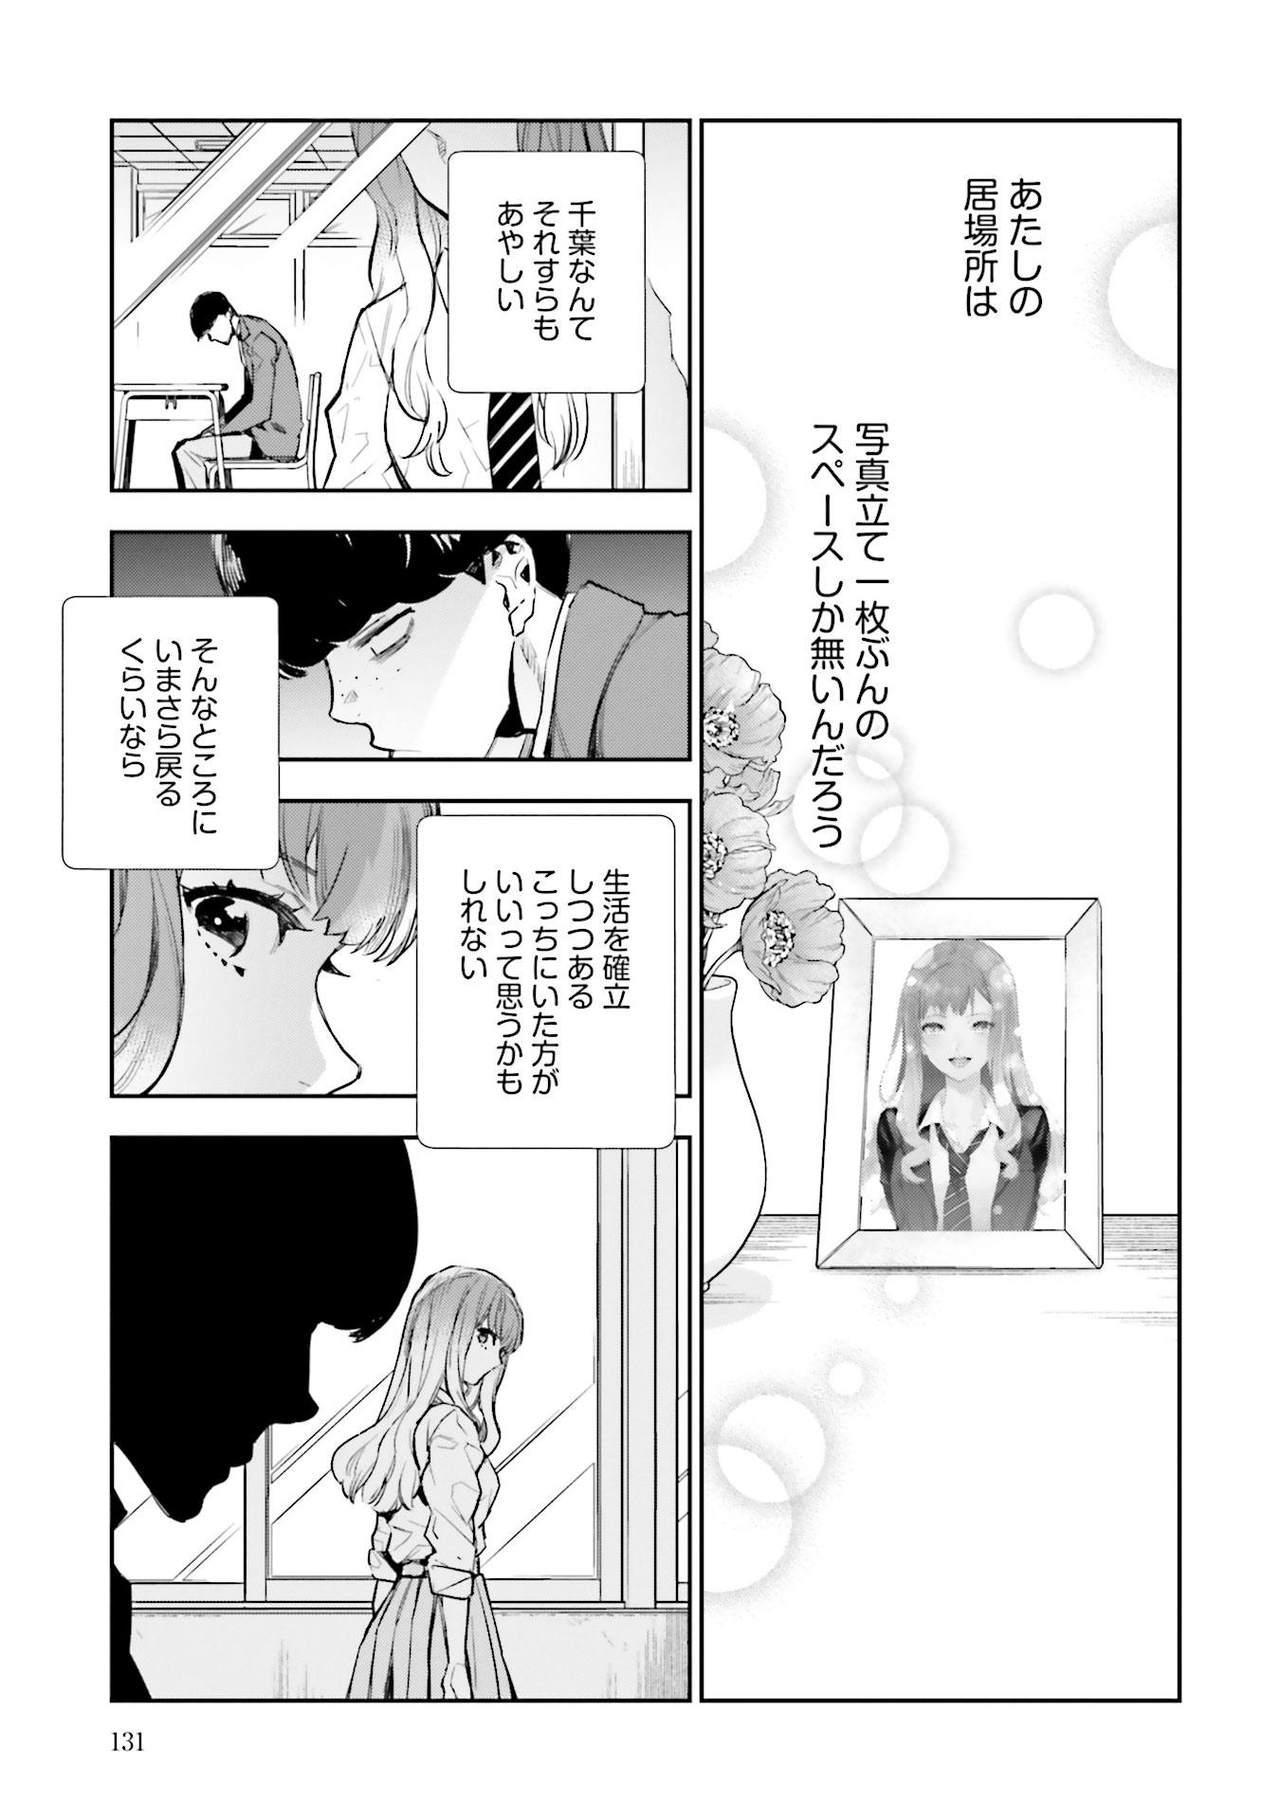 JK Haru wa Isekai de Shoufu ni Natta 1-14 319